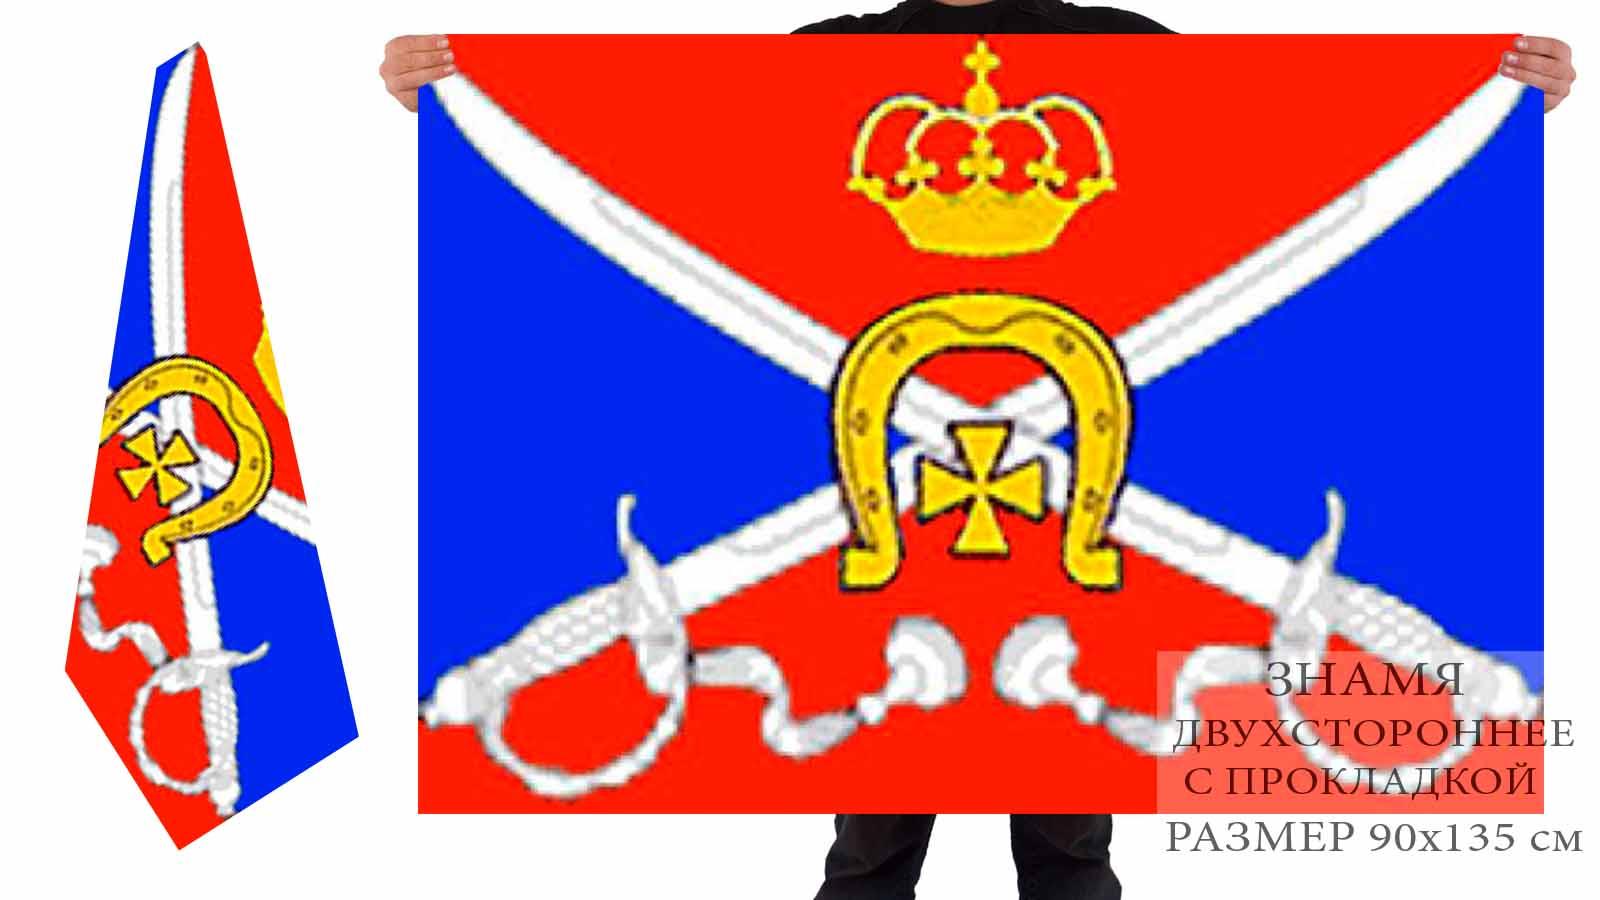 Двусторонний флаг муниципального образования муниципальный округ Дачное